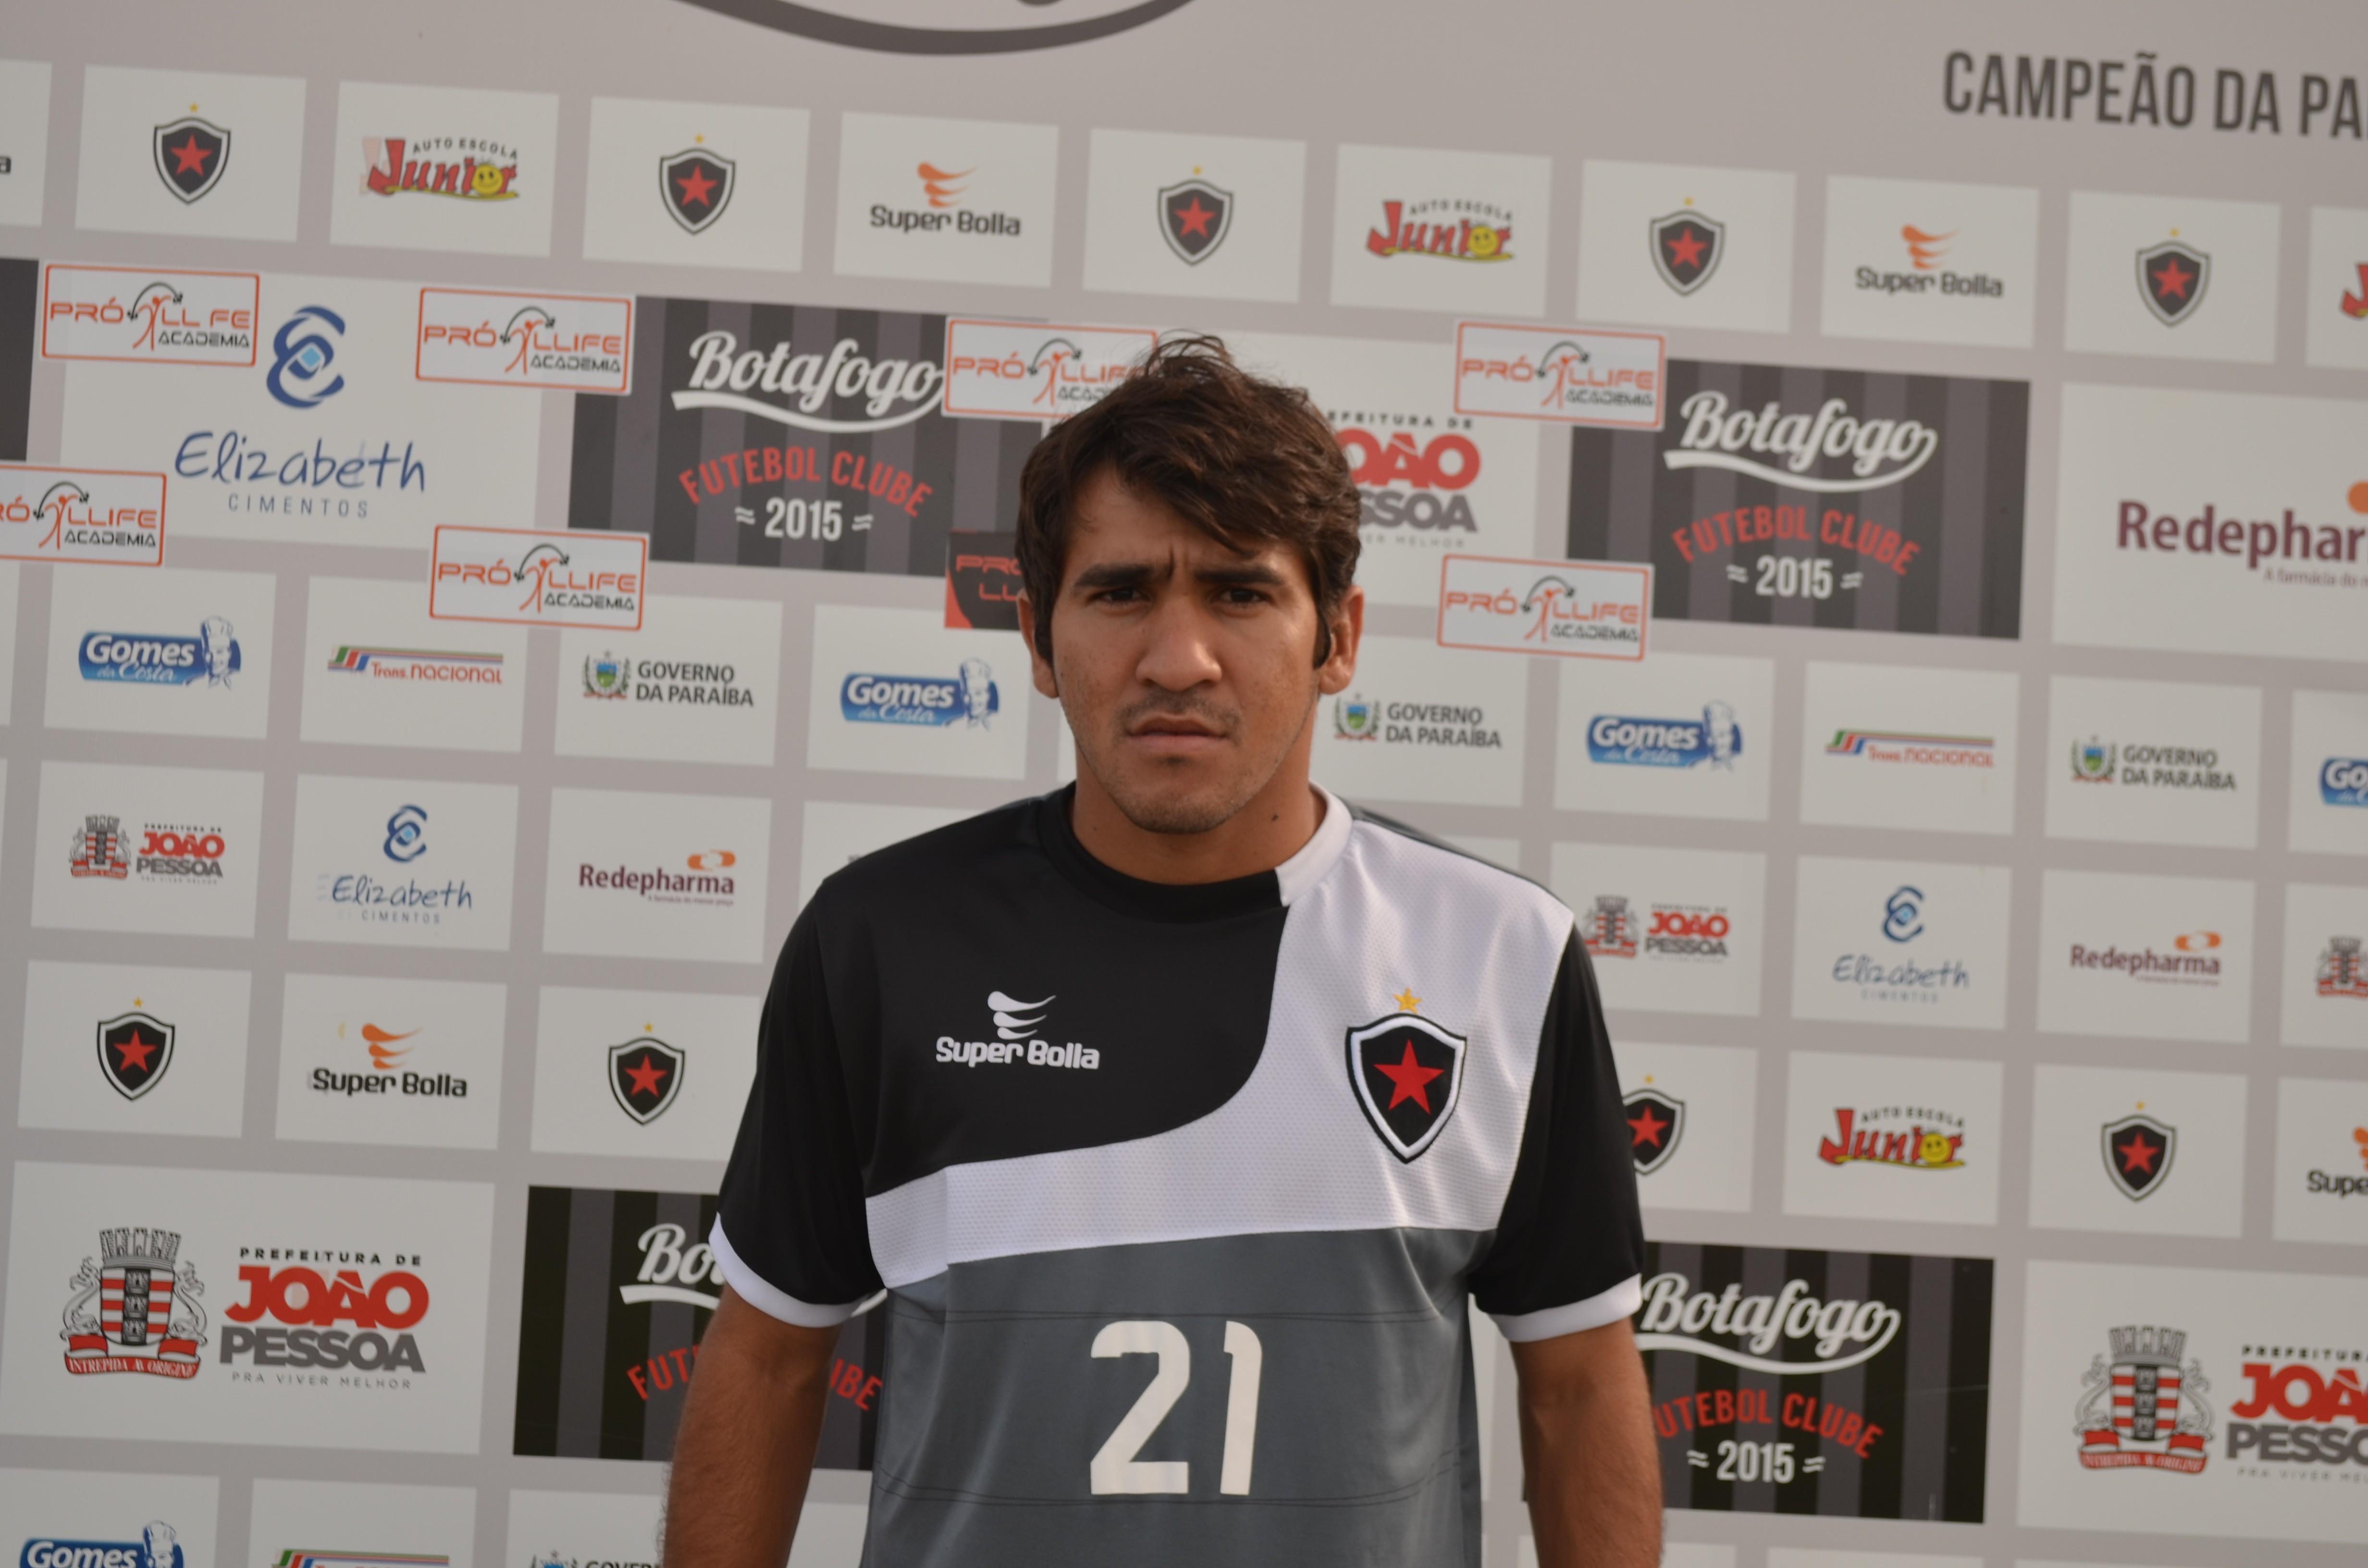 http   globoesporte.globo.com futebol times flamengo noticia 2015 01 ... 55699413f054c